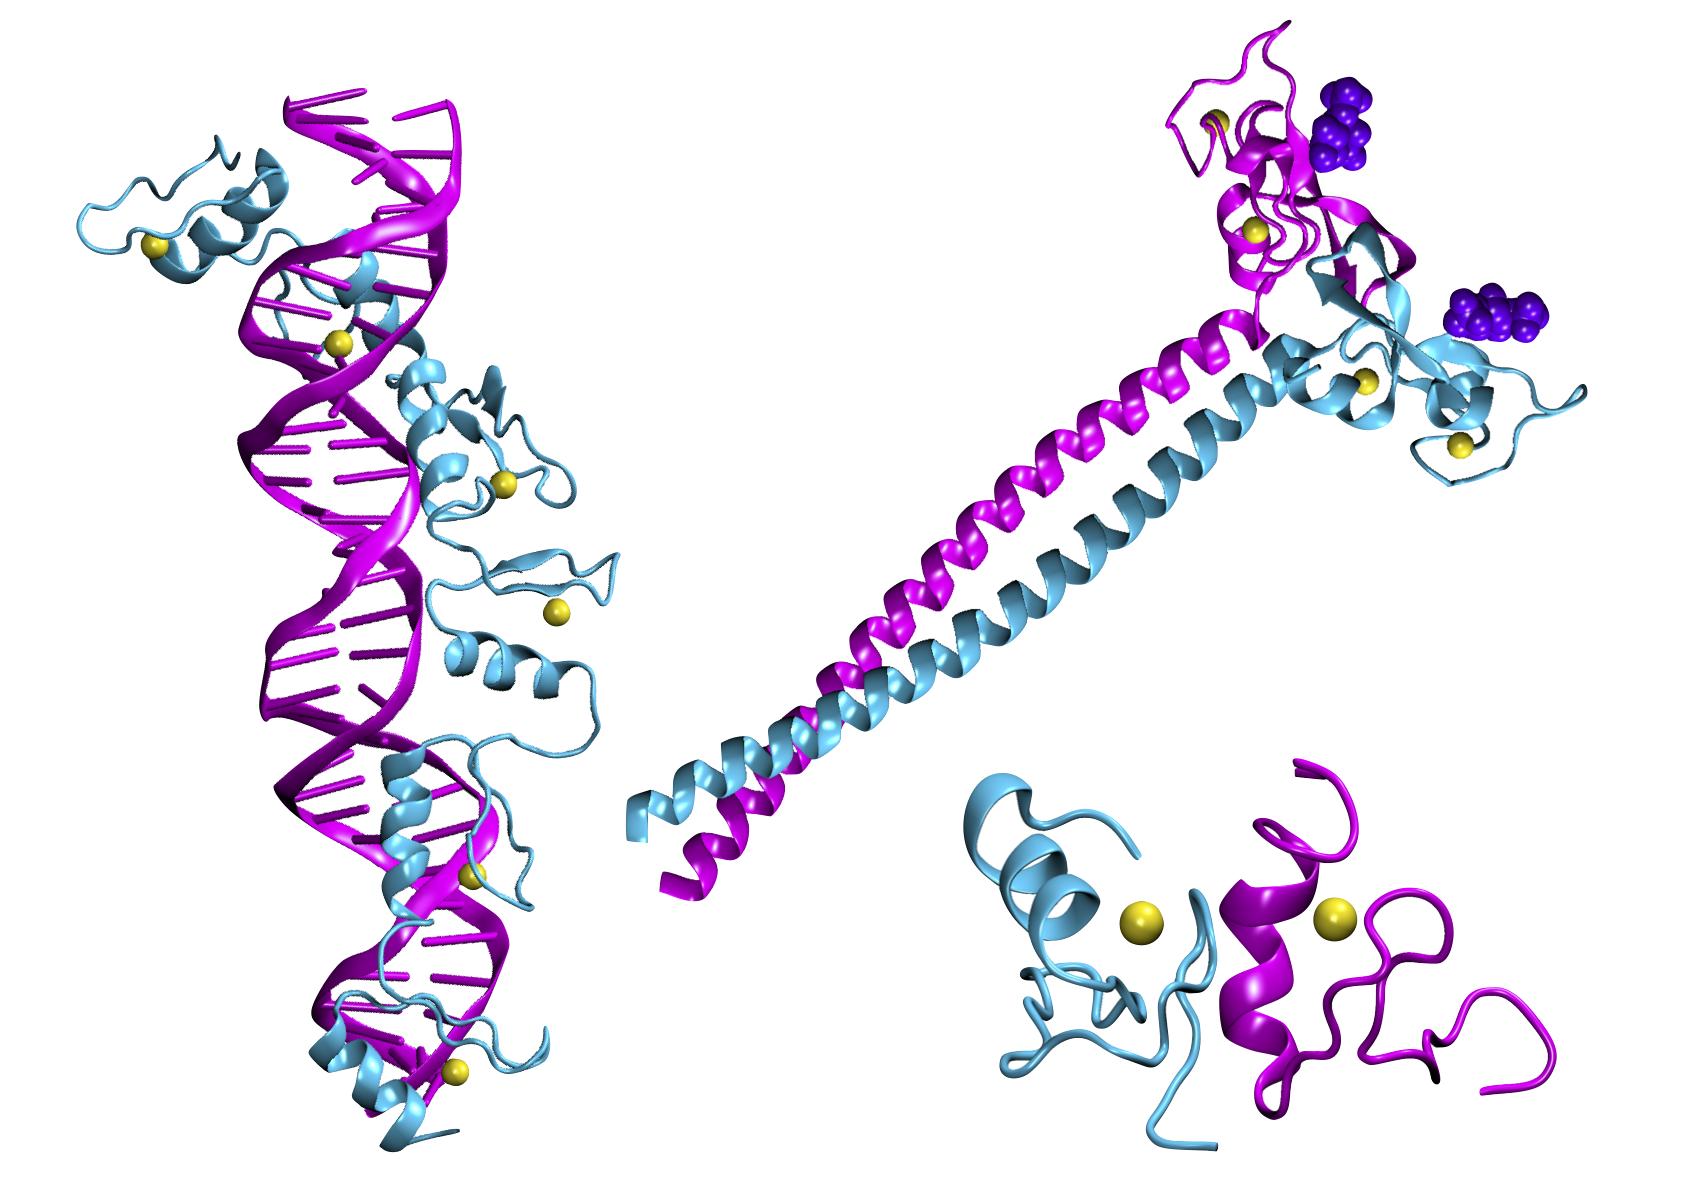 des assemblages macromoléculaires avec des motifs à doigts de zinc.